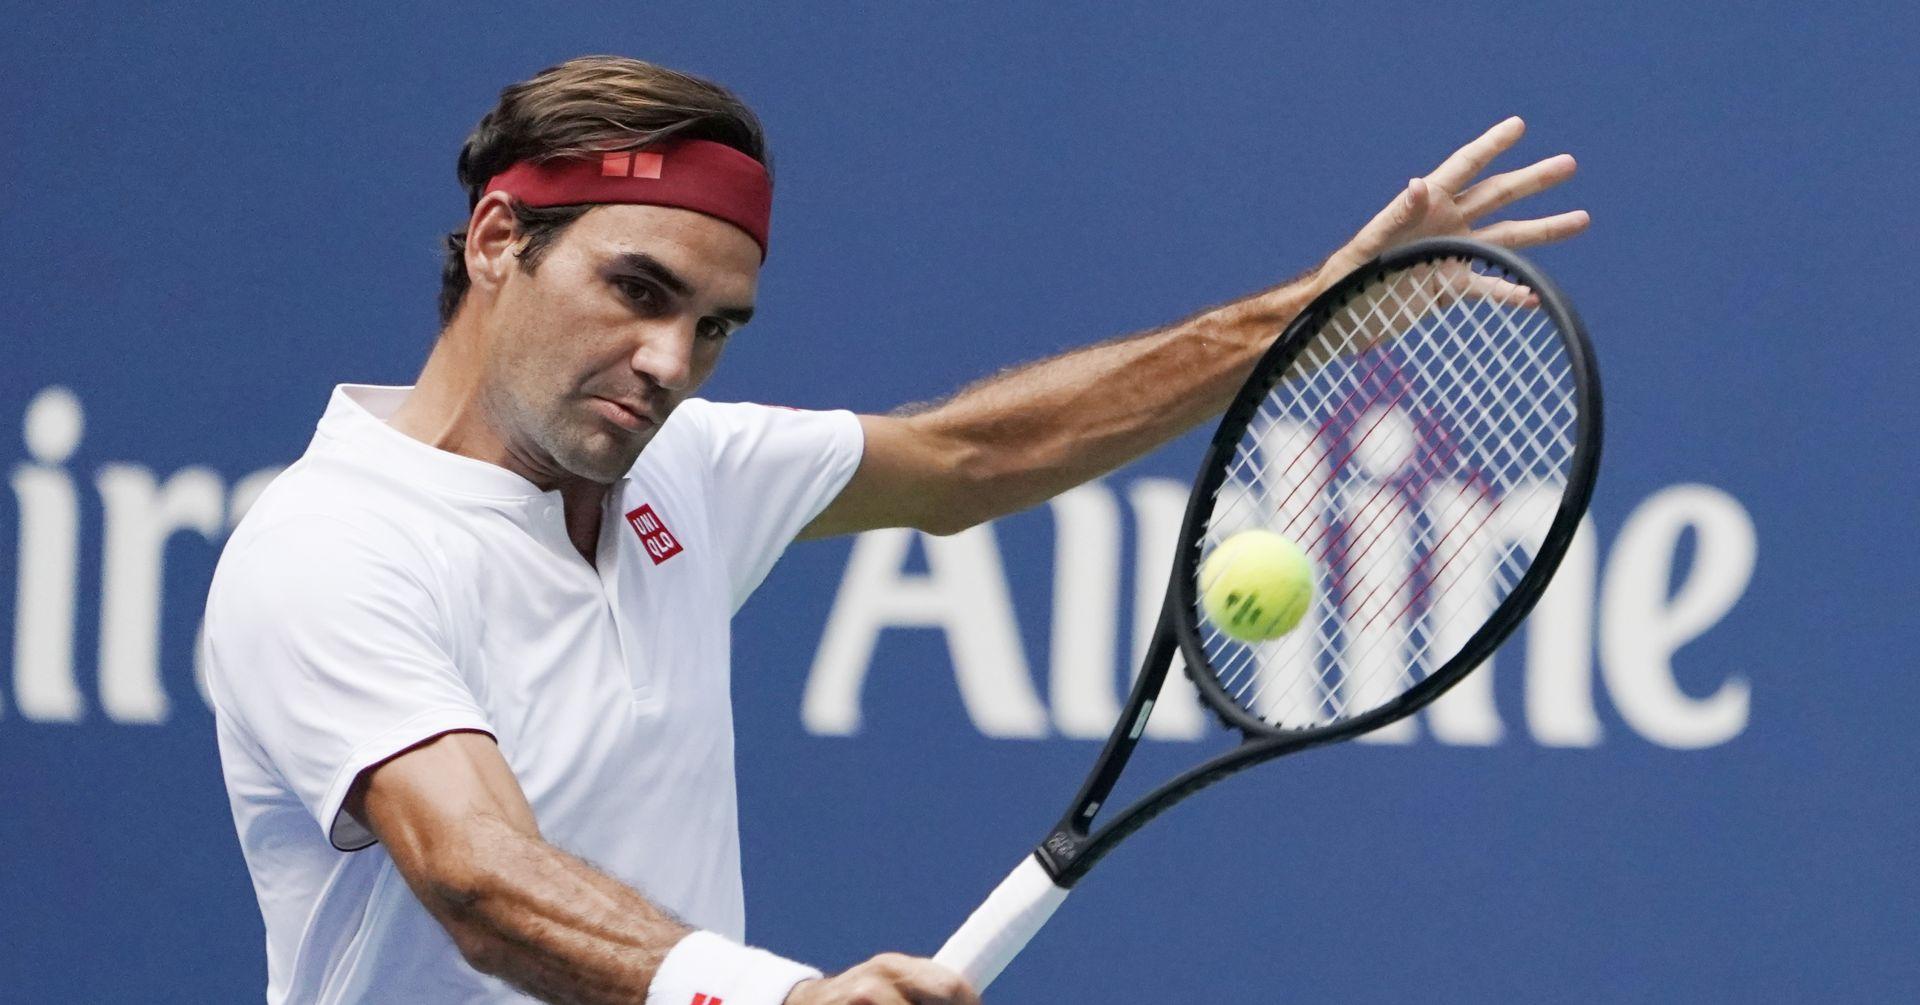 ŠOK NA US OPENU Federer izgubio od 55. igrača svijeta